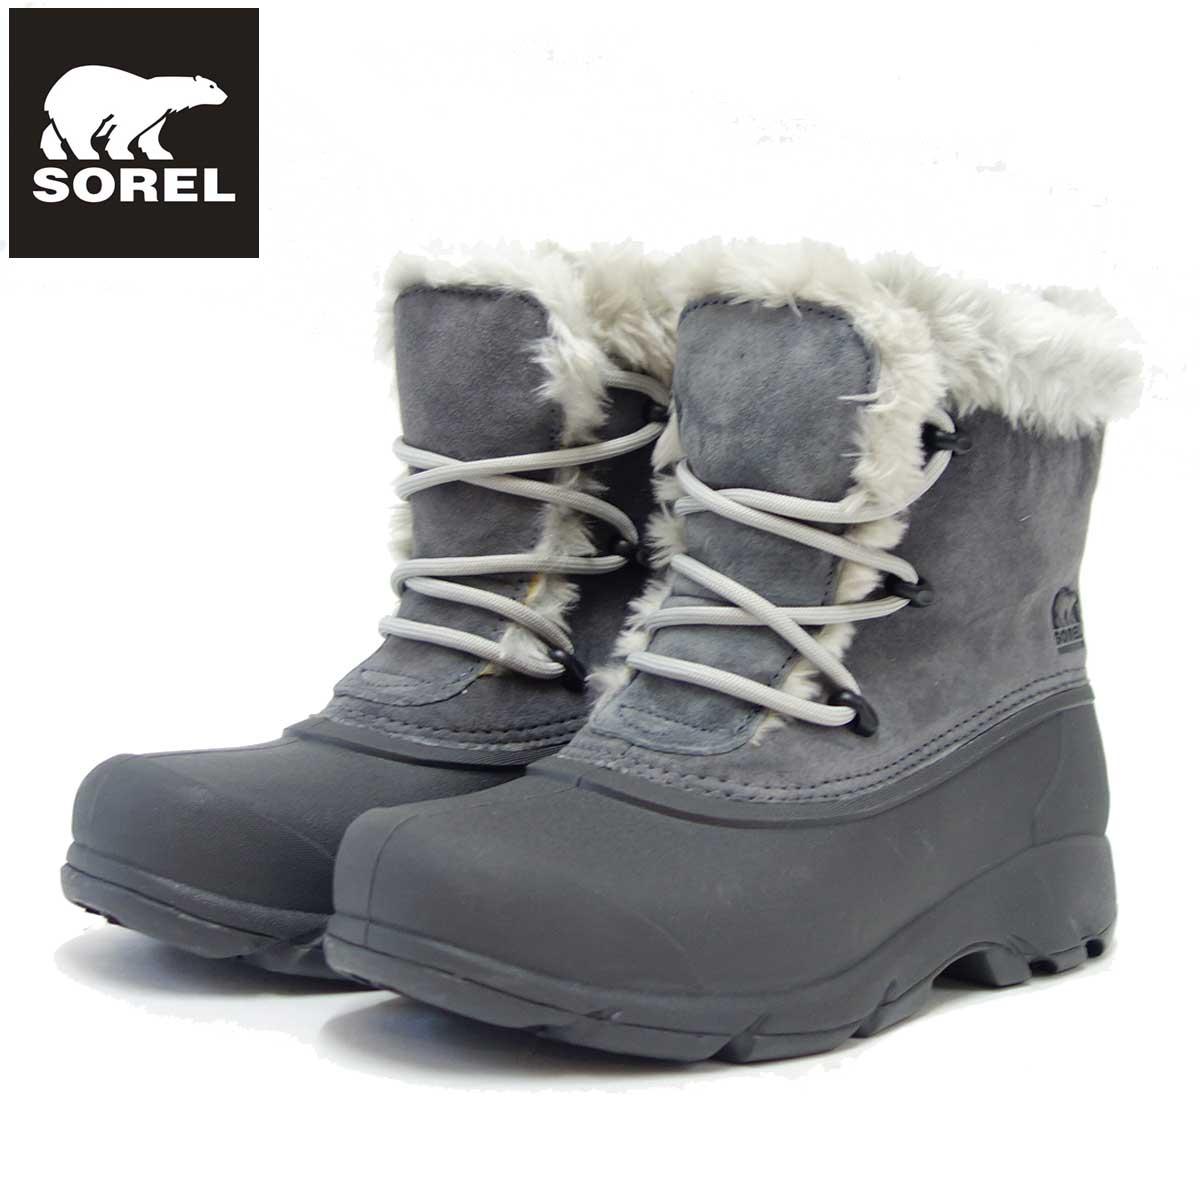 ソレル SOREL NL 1810(レディース) スノーエンジェルレース:チャコール (030) 保温性・撥水性抜群の快適ウィンターブーツ 「靴」